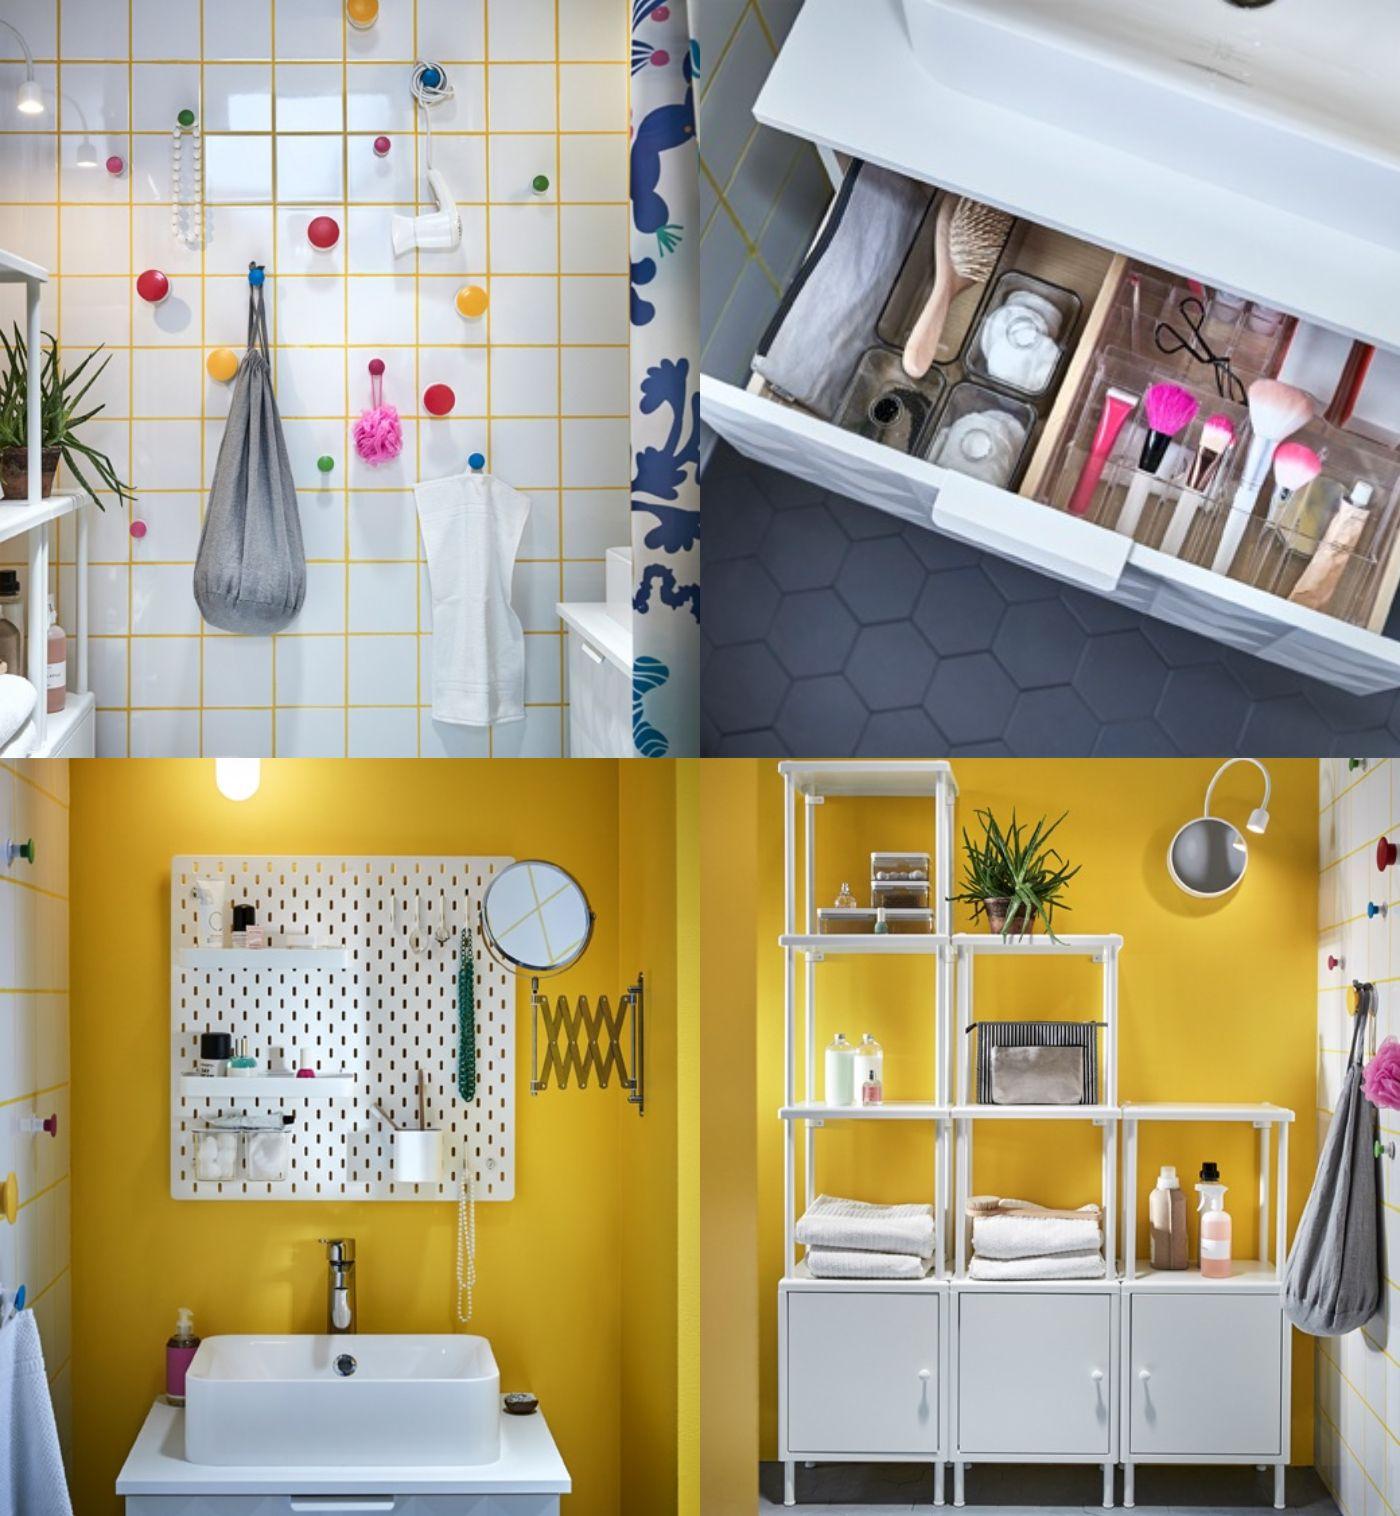 Ikea #Badezimmer praktisch einrichten Ideen für Ordnung im